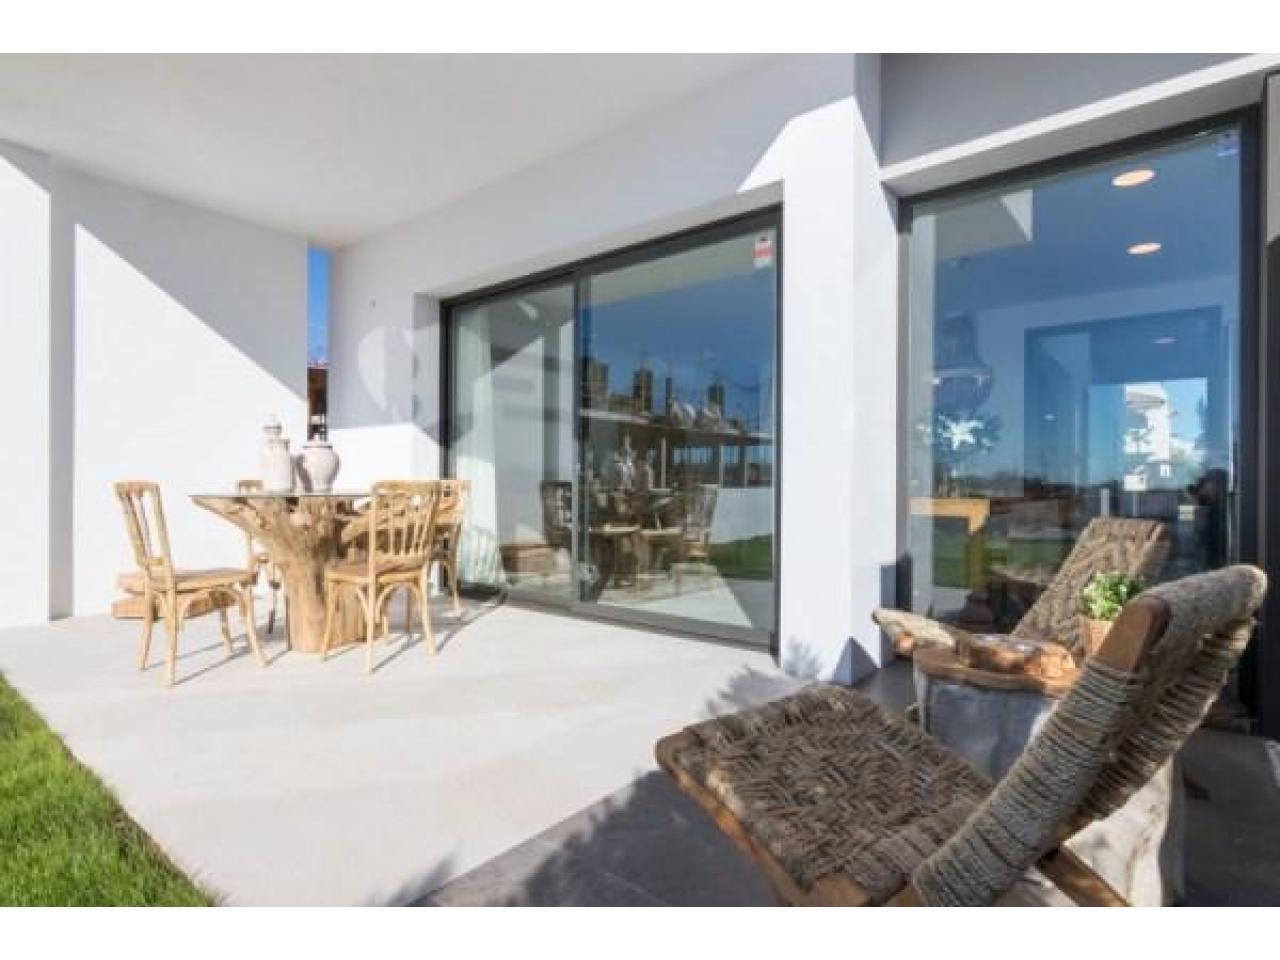 Недвижимость в Испании, Новые бунгало рядом с пляжем от застройщика в Торре де ла Орадада - 3